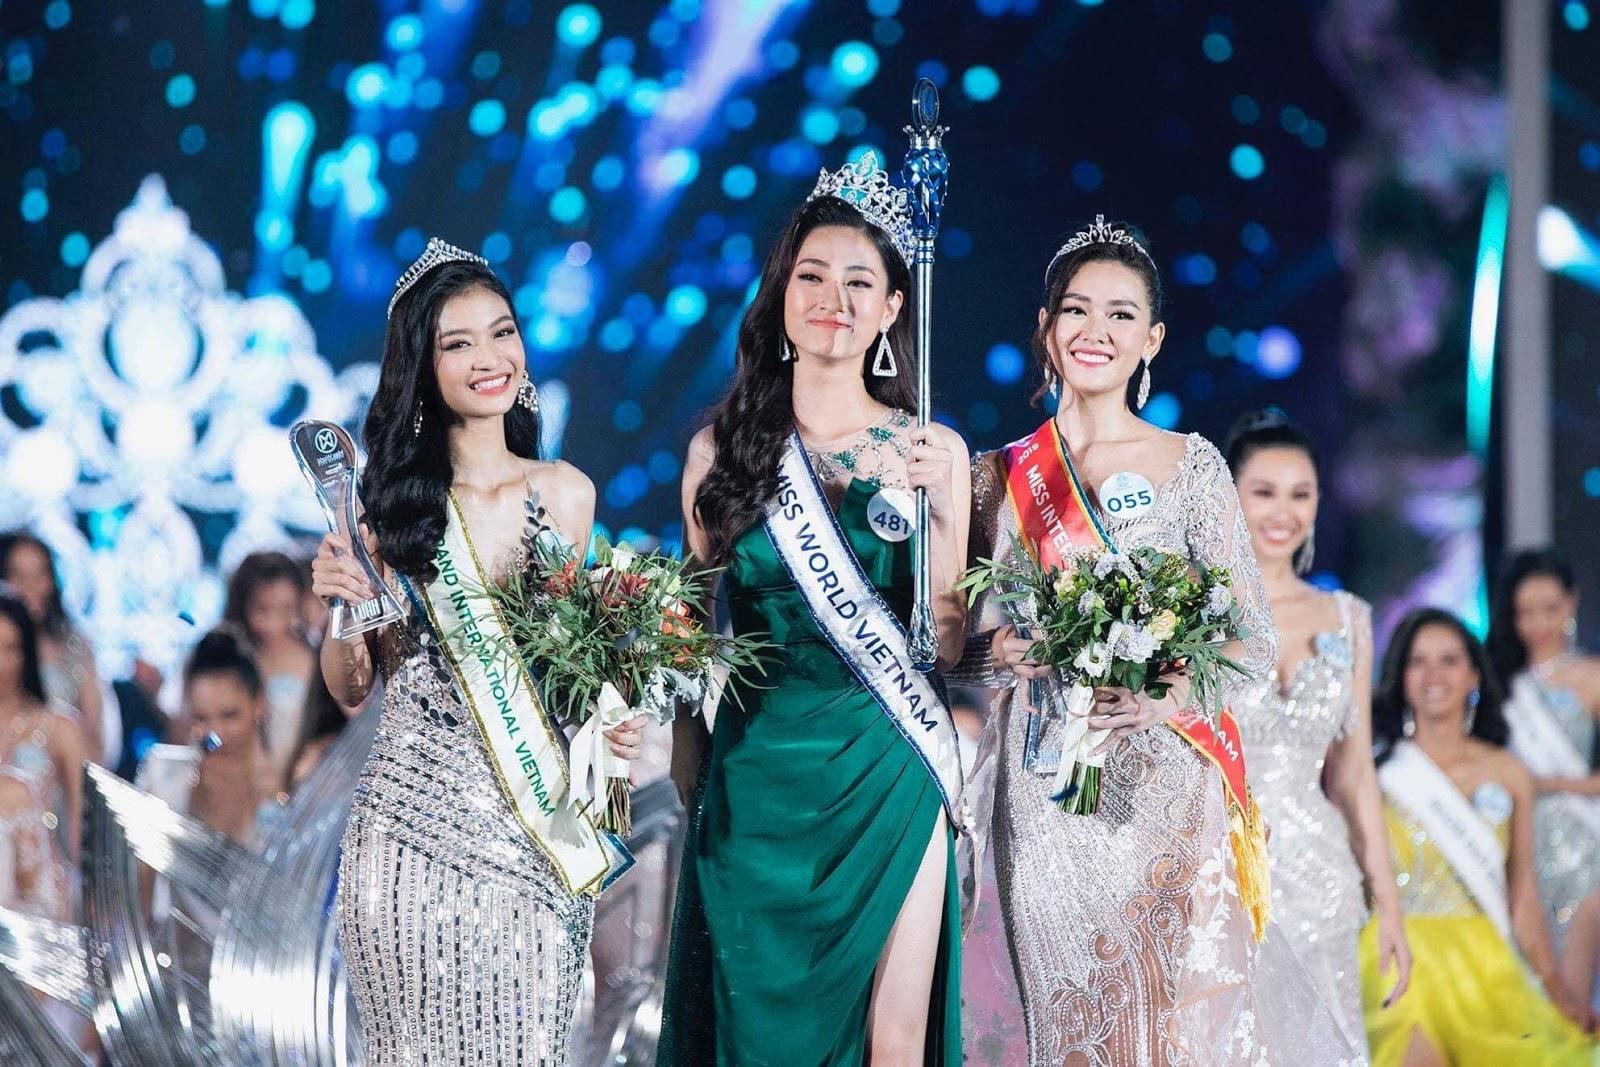 Đàm Vĩnh Hưng chia sẻ khó khăn khi ngồi ghế giám khảo Miss World Vietnam, kể kỷ niệm cùng Lương Thùy Linh - Hình 4